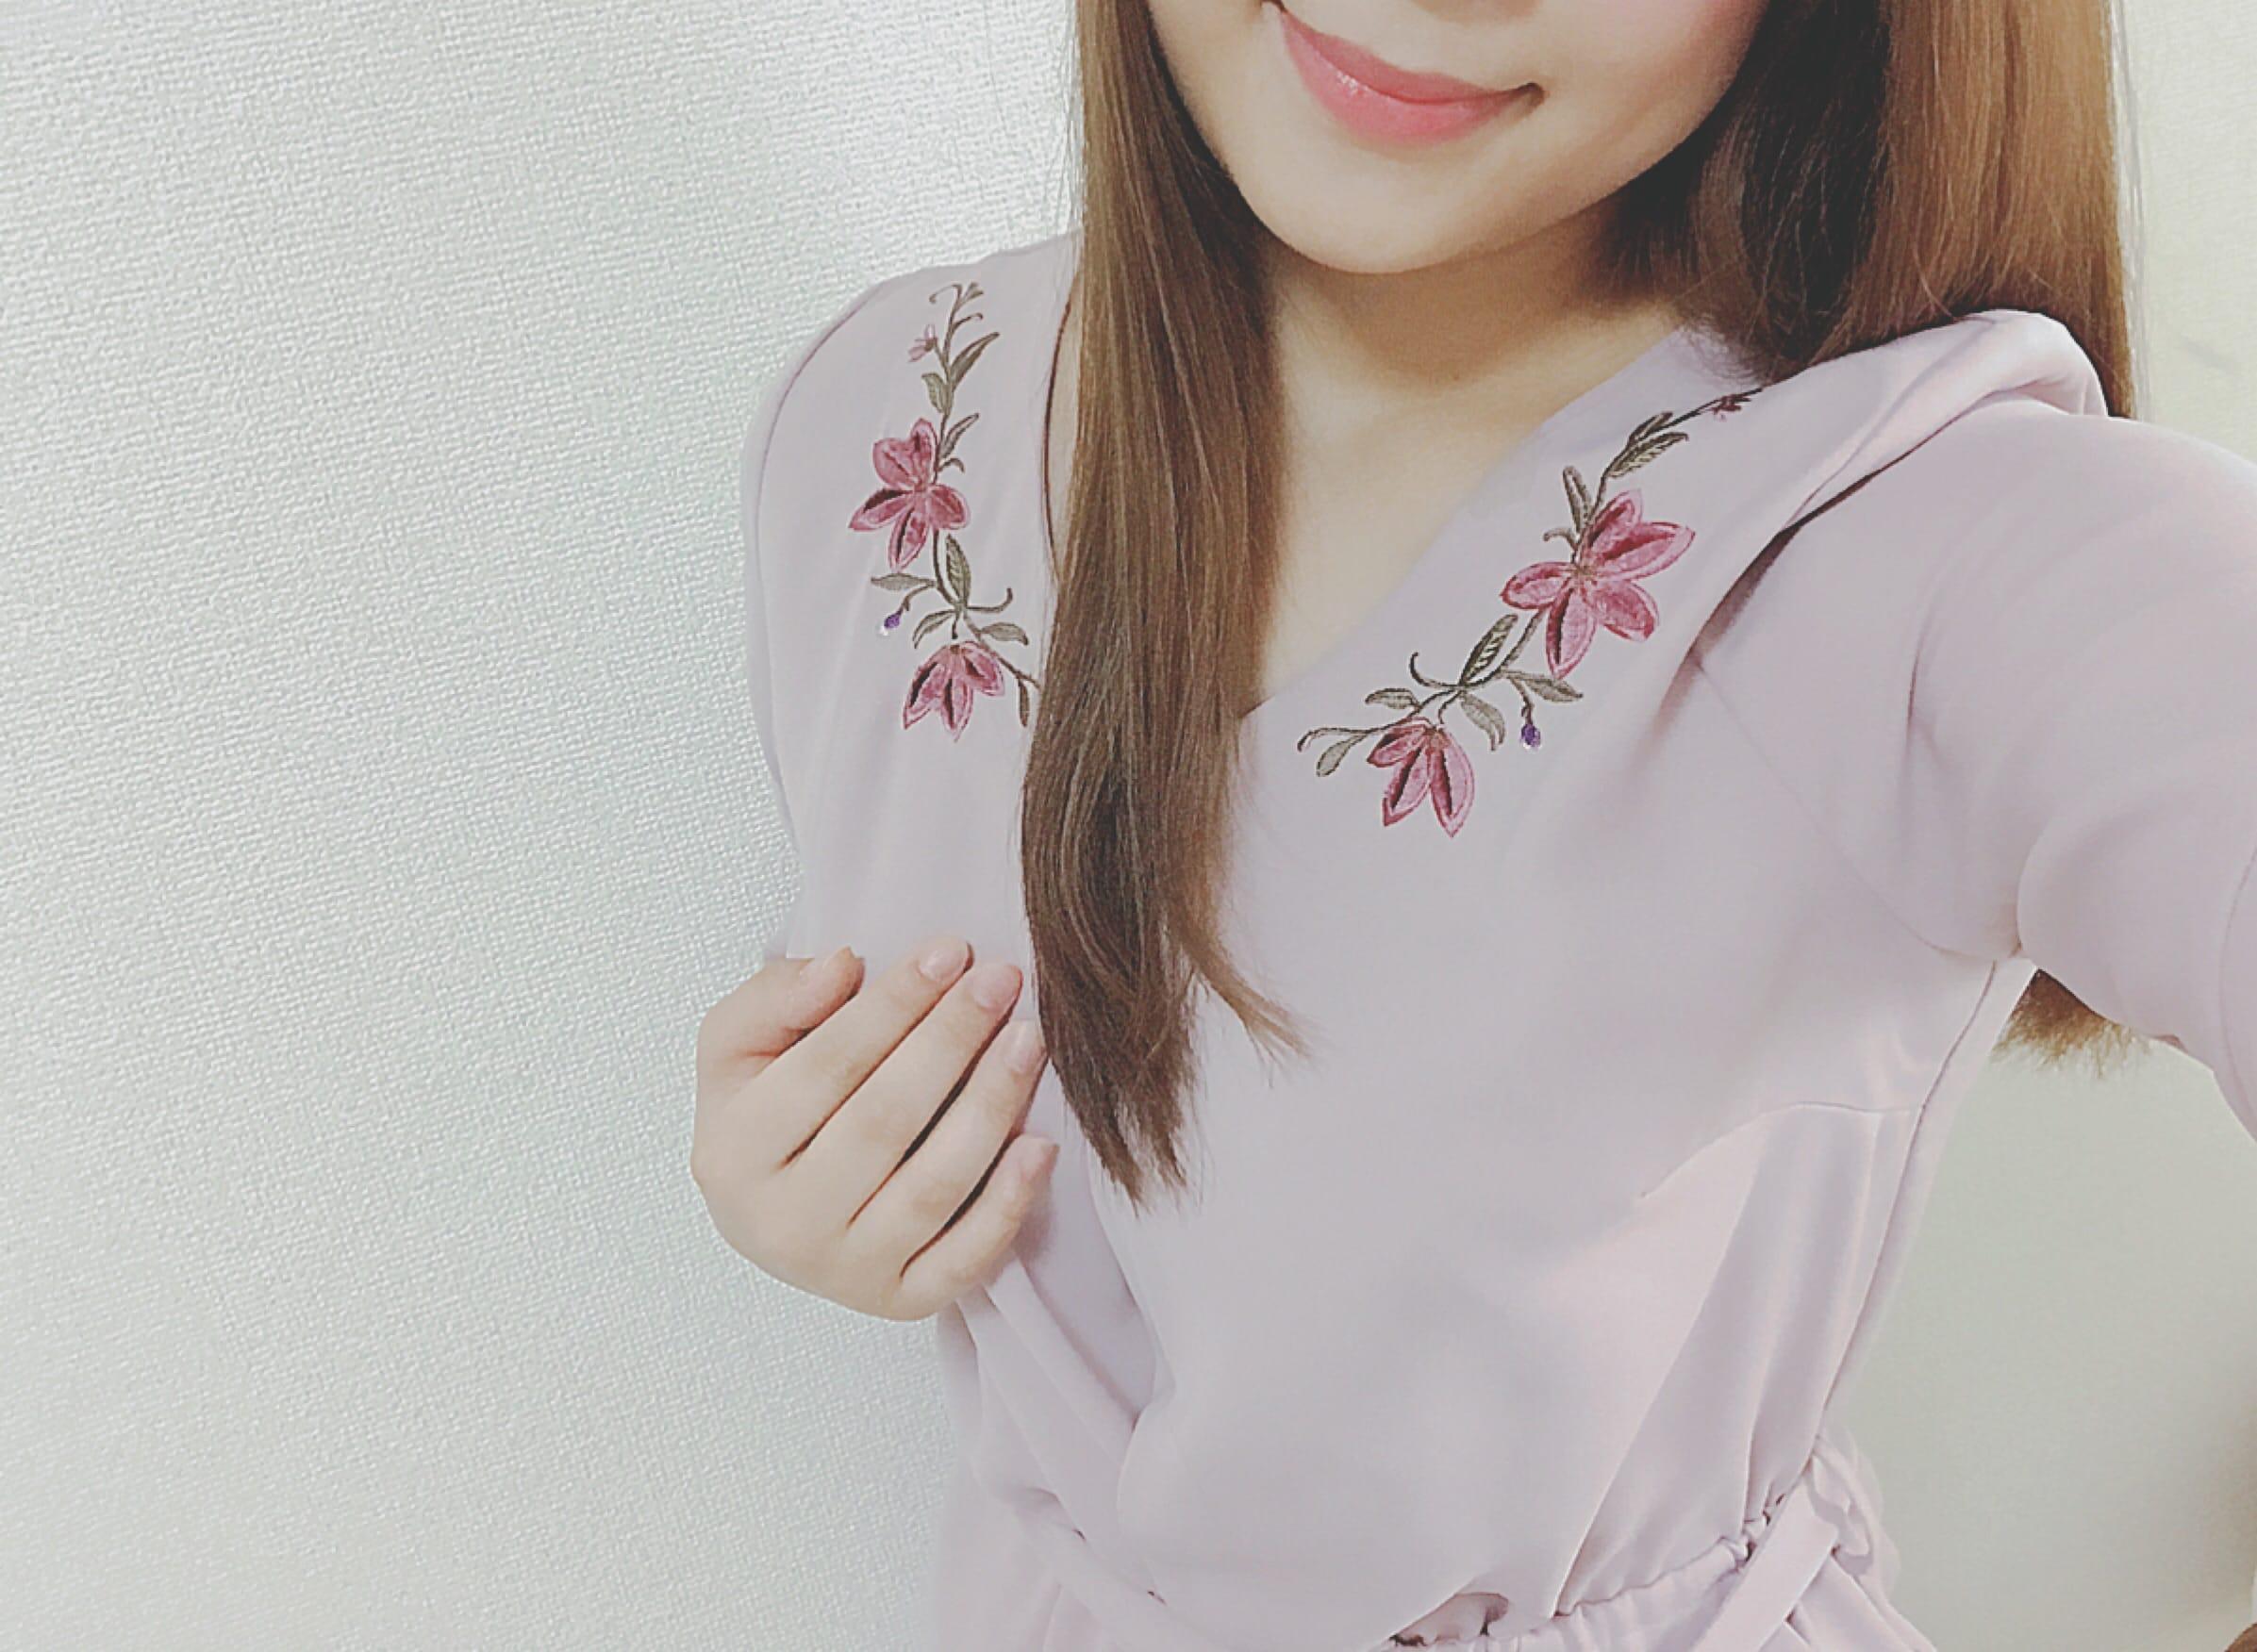 美沙樹(ミサキ)「あったかい、、♡」12/16(土) 02:01   美沙樹(ミサキ)の写メ・風俗動画